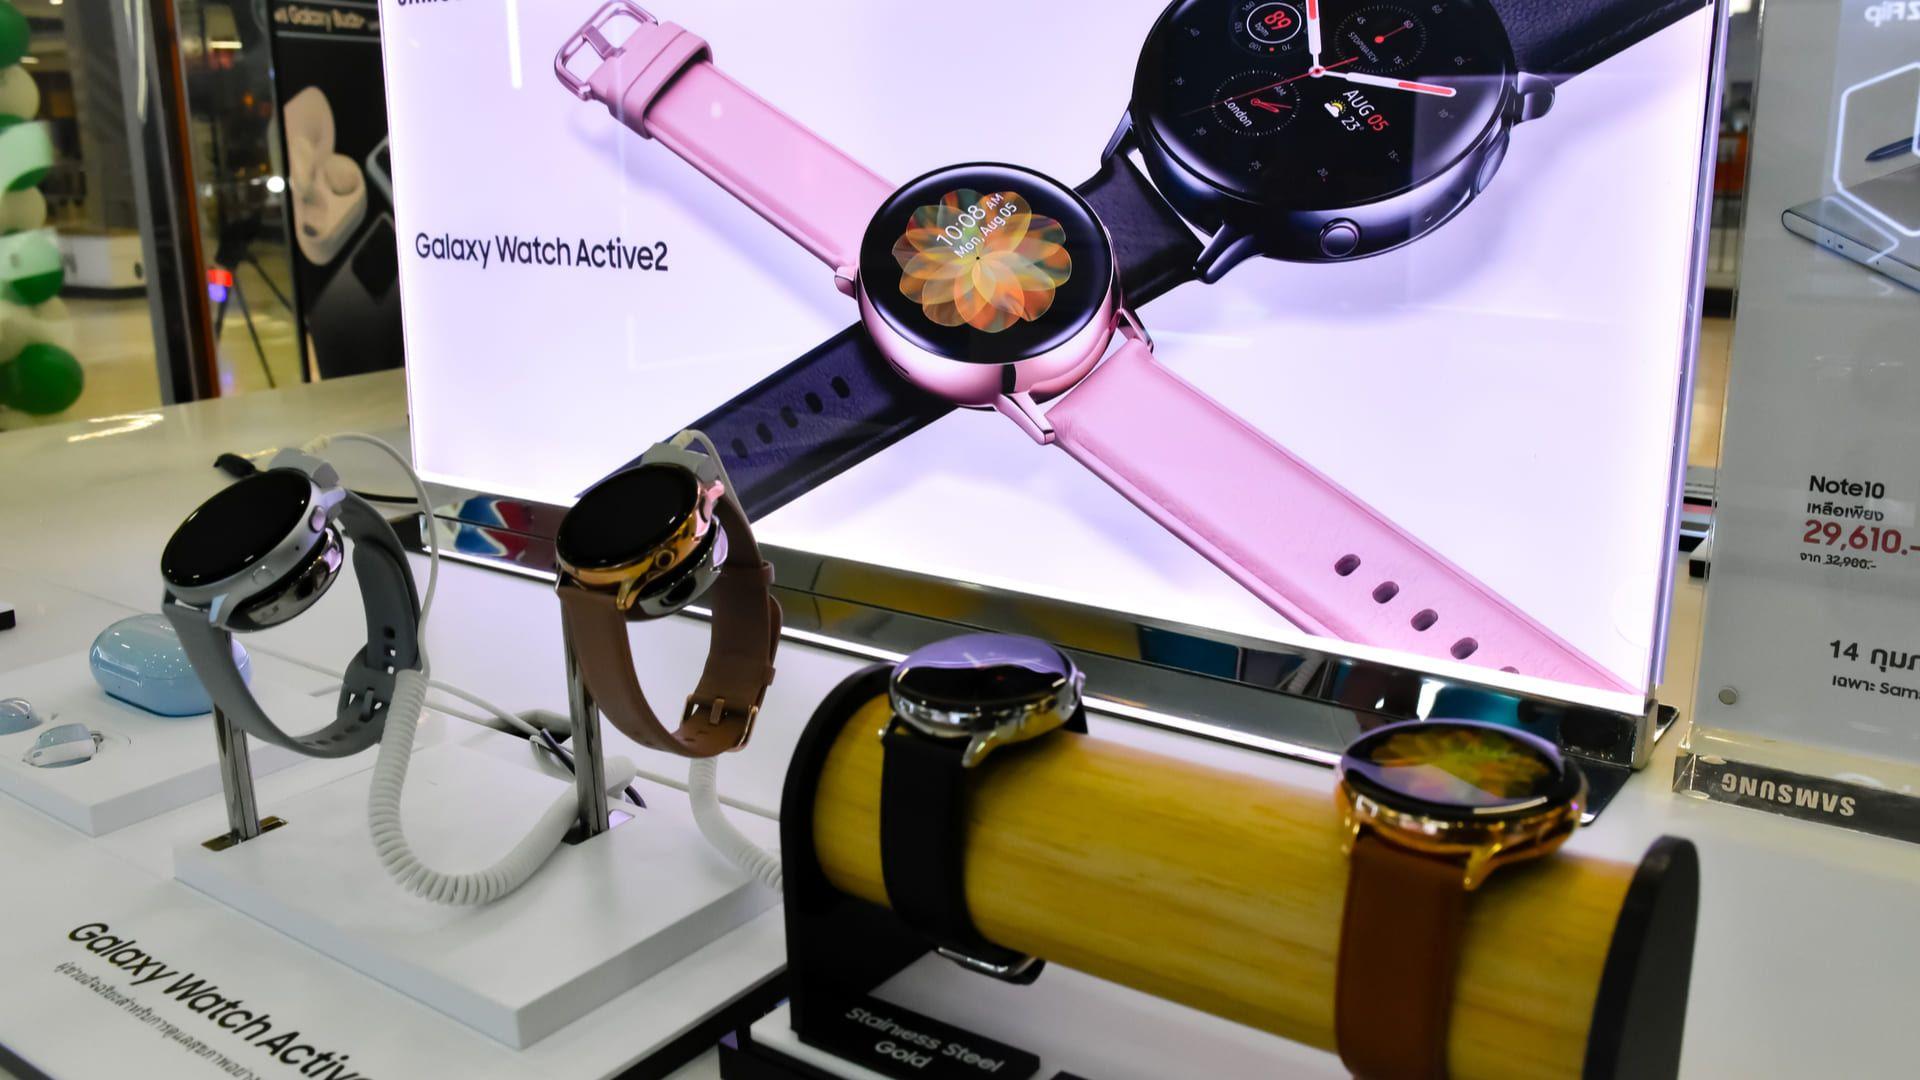 Smartwatch Galaxy Active 2 é um modelo com mais recursos. (Foto: Shutterstock)